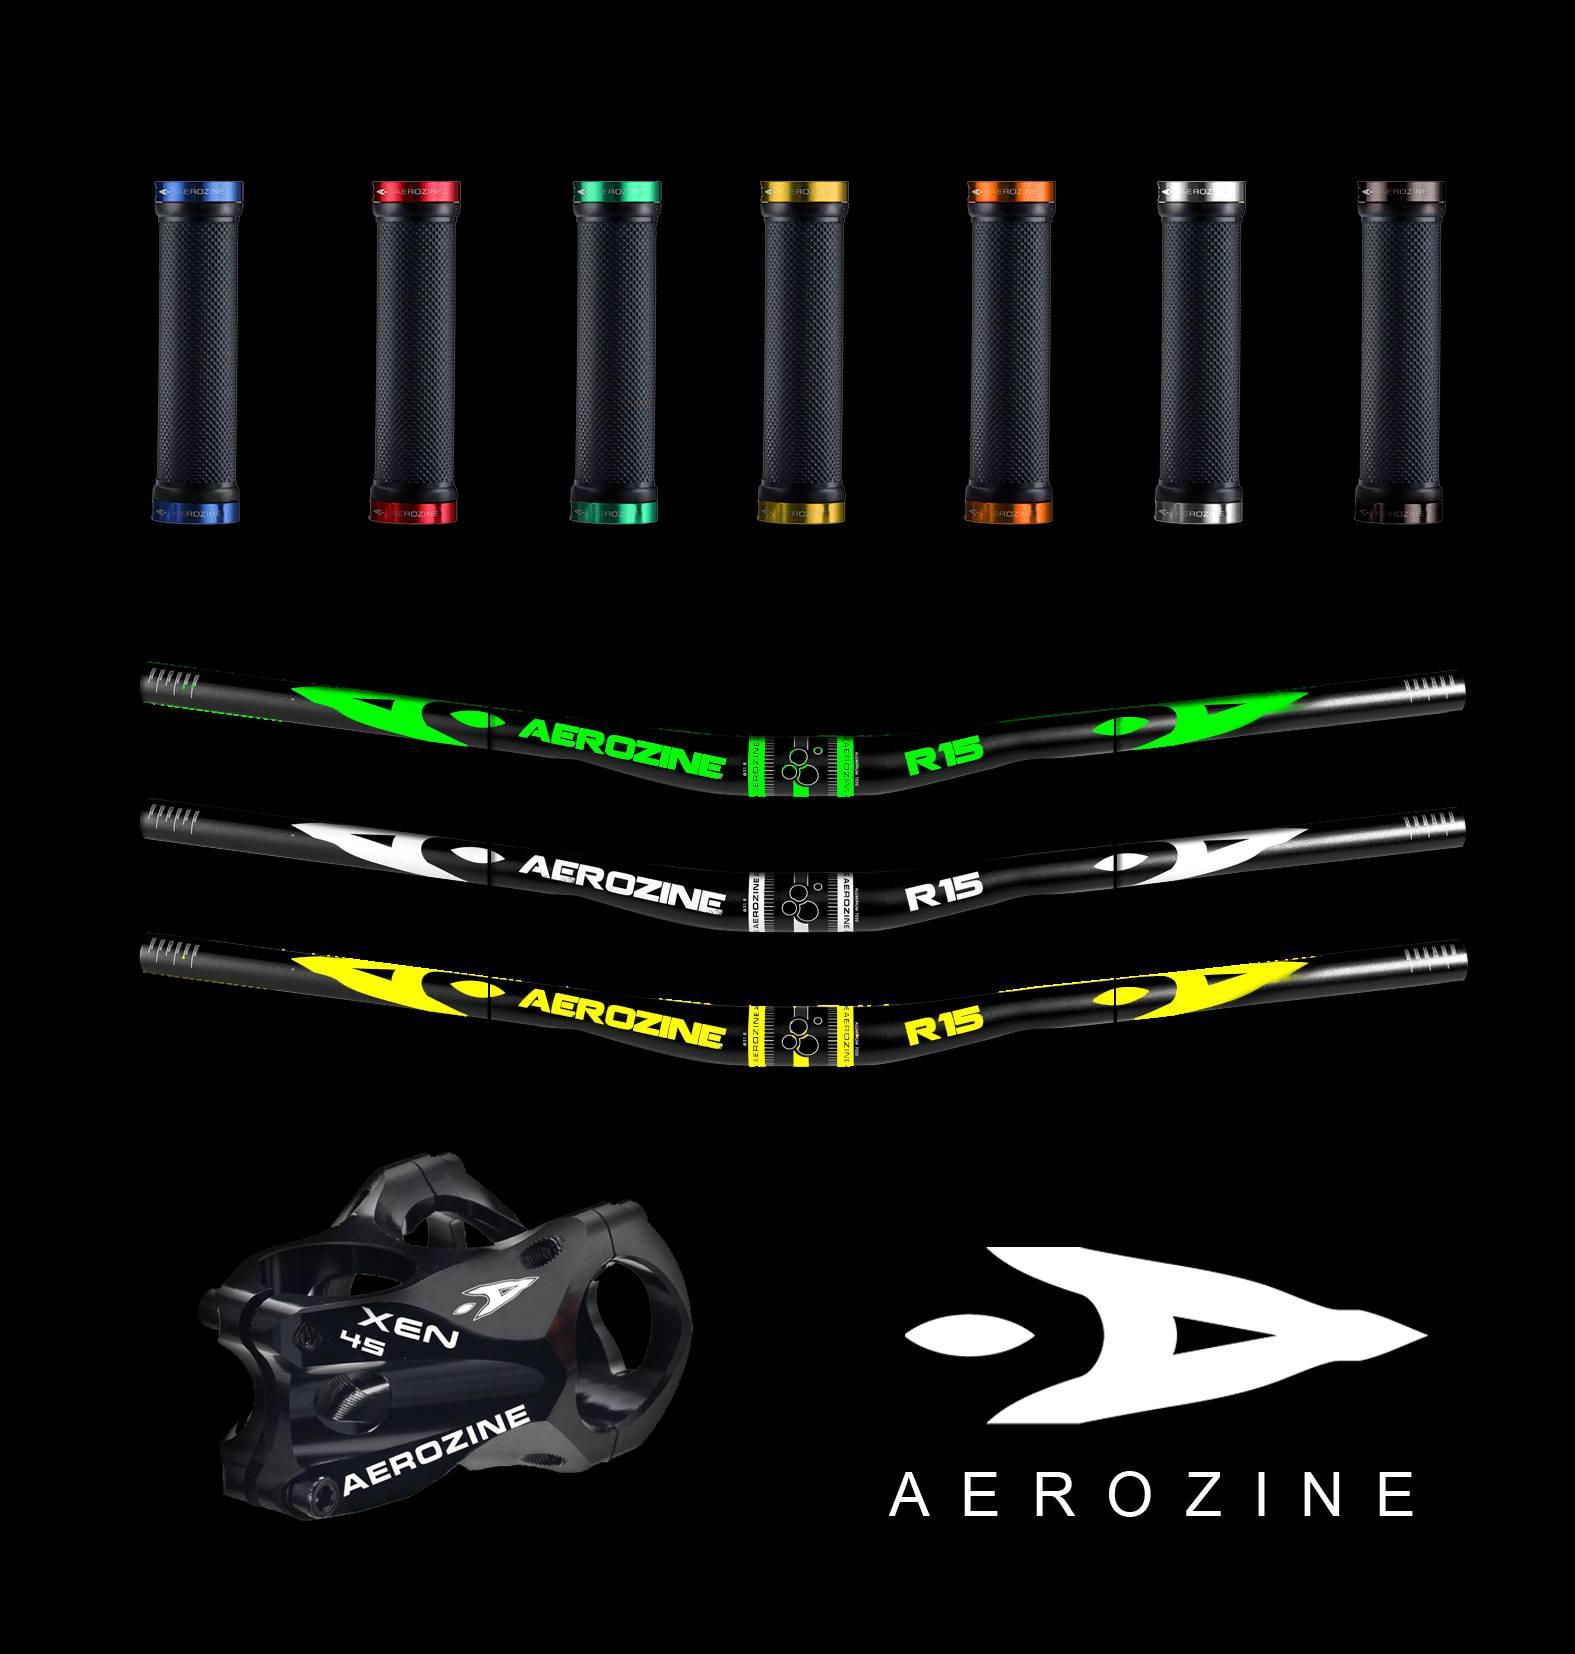 Personalizza la tua bici con Aerozine!